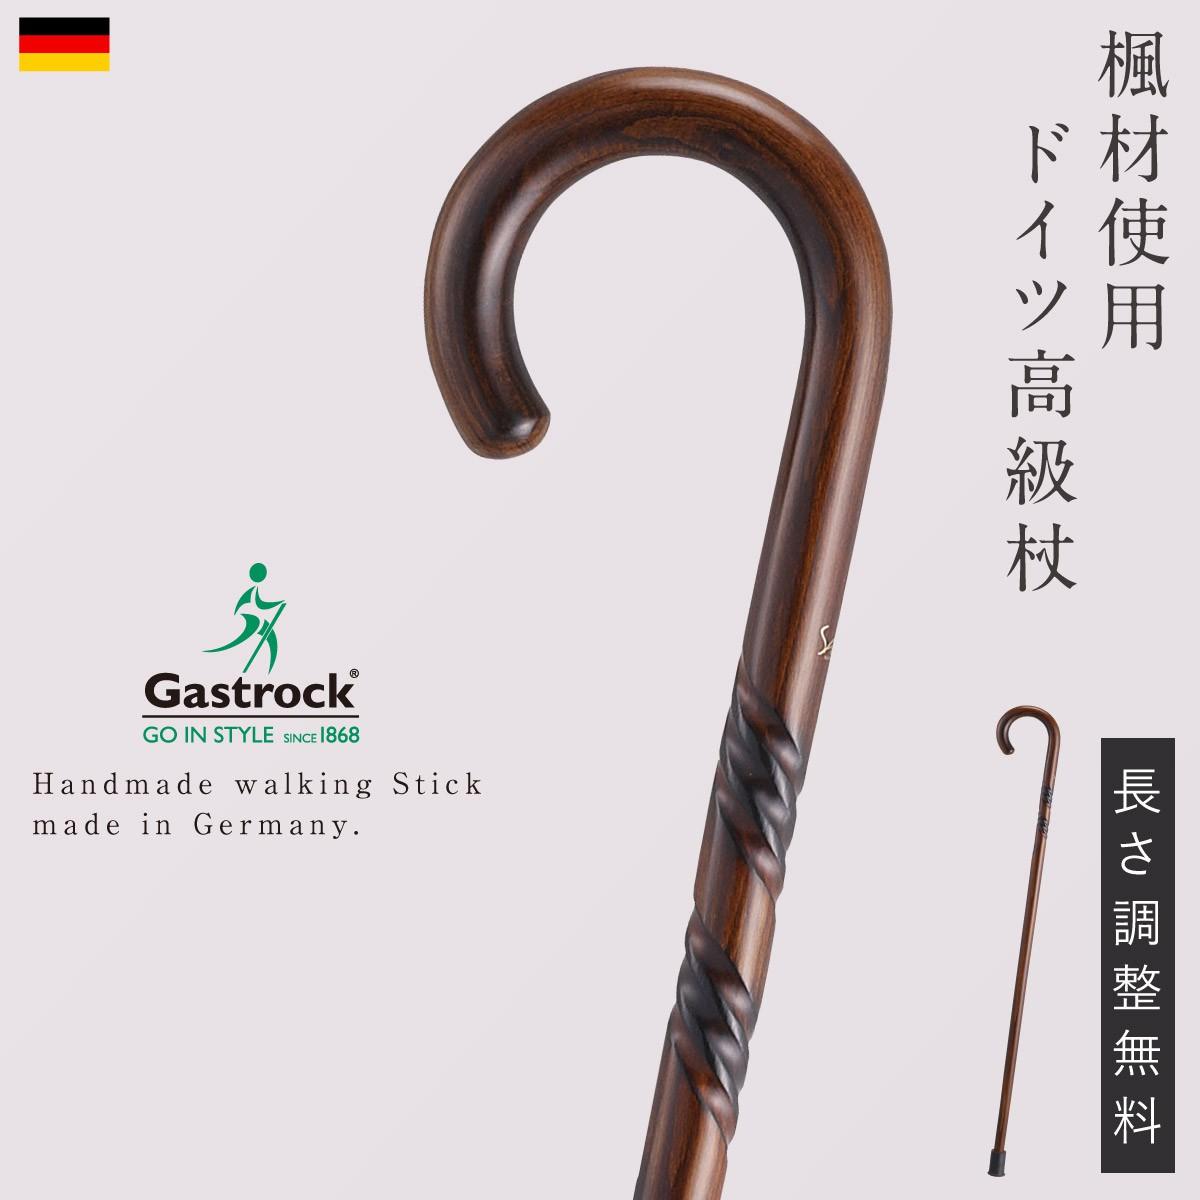 一本杖 木製杖 ステッキ ドイツ製 1本杖 ガストロック社 GA-6 ギフト プレゼント 贈り物